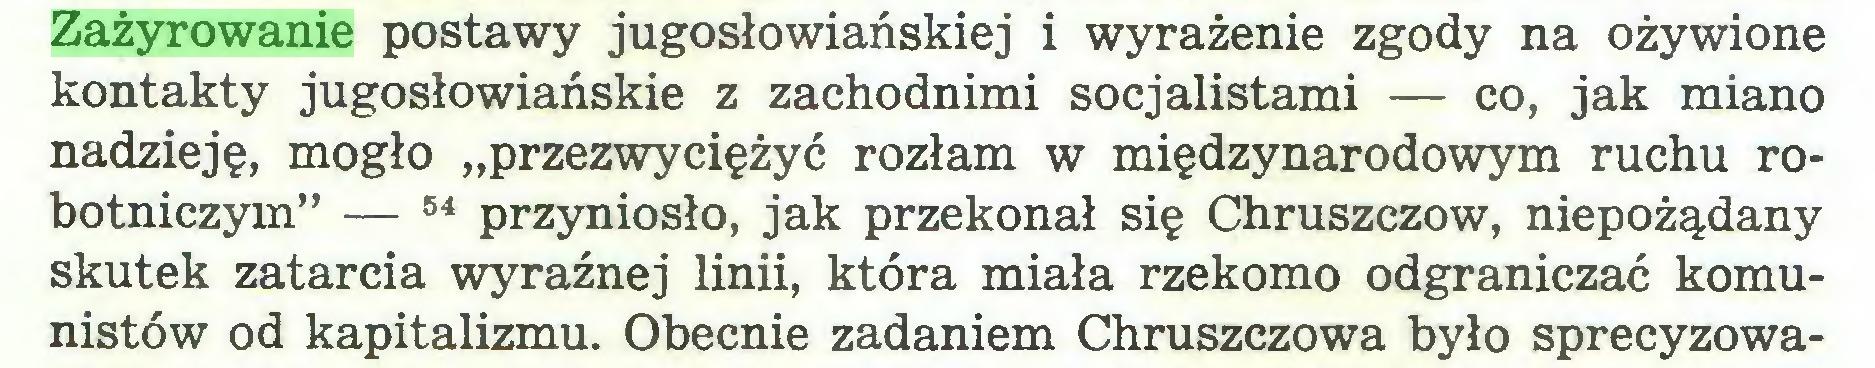 """(...) Zażyrowanie postawy jugosłowiańskiej i wyrażenie zgody na ożywione kontakty jugosłowiańskie z zachodnimi socjalistami — co, jak miano nadzieję, mogło """"przezwyciężyć rozłam w międzynarodowym ruchu robotniczym"""" — 54 przyniosło, jak przekonał się Chruszczów, niepożądany skutek zatarcia wyraźnej linii, która miała rzekomo odgraniczać komunistów od kapitalizmu. Obecnie zadaniem Chruszczowa było sprecyzowa..."""